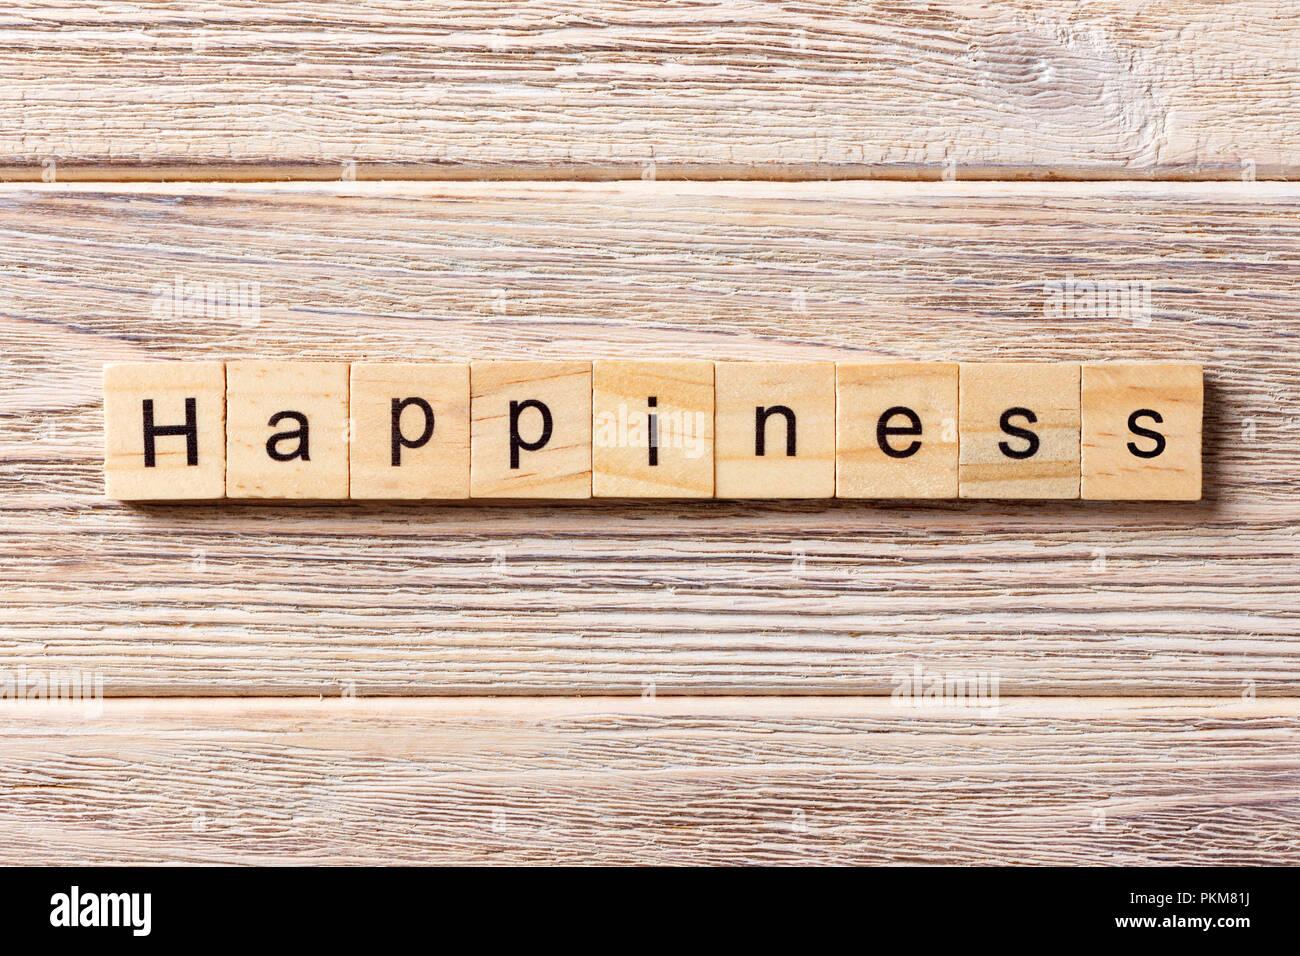 Felicidad palabra escrita sobre un bloque de madera. Felicidad texto en tabla, concepto. Imagen De Stock